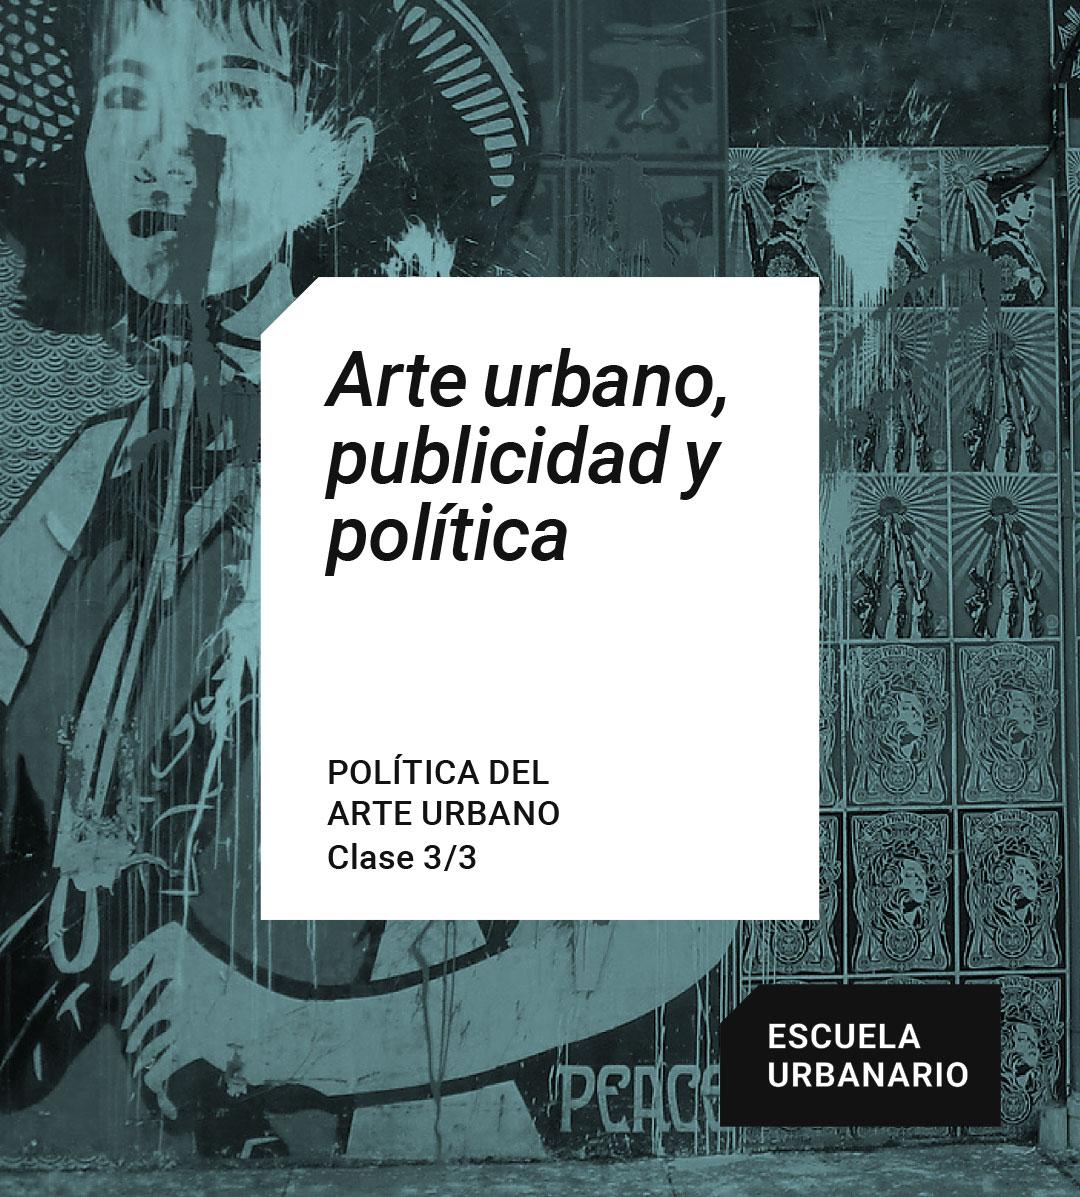 Arte urbano, publicidad y política - Escuela Urbanario